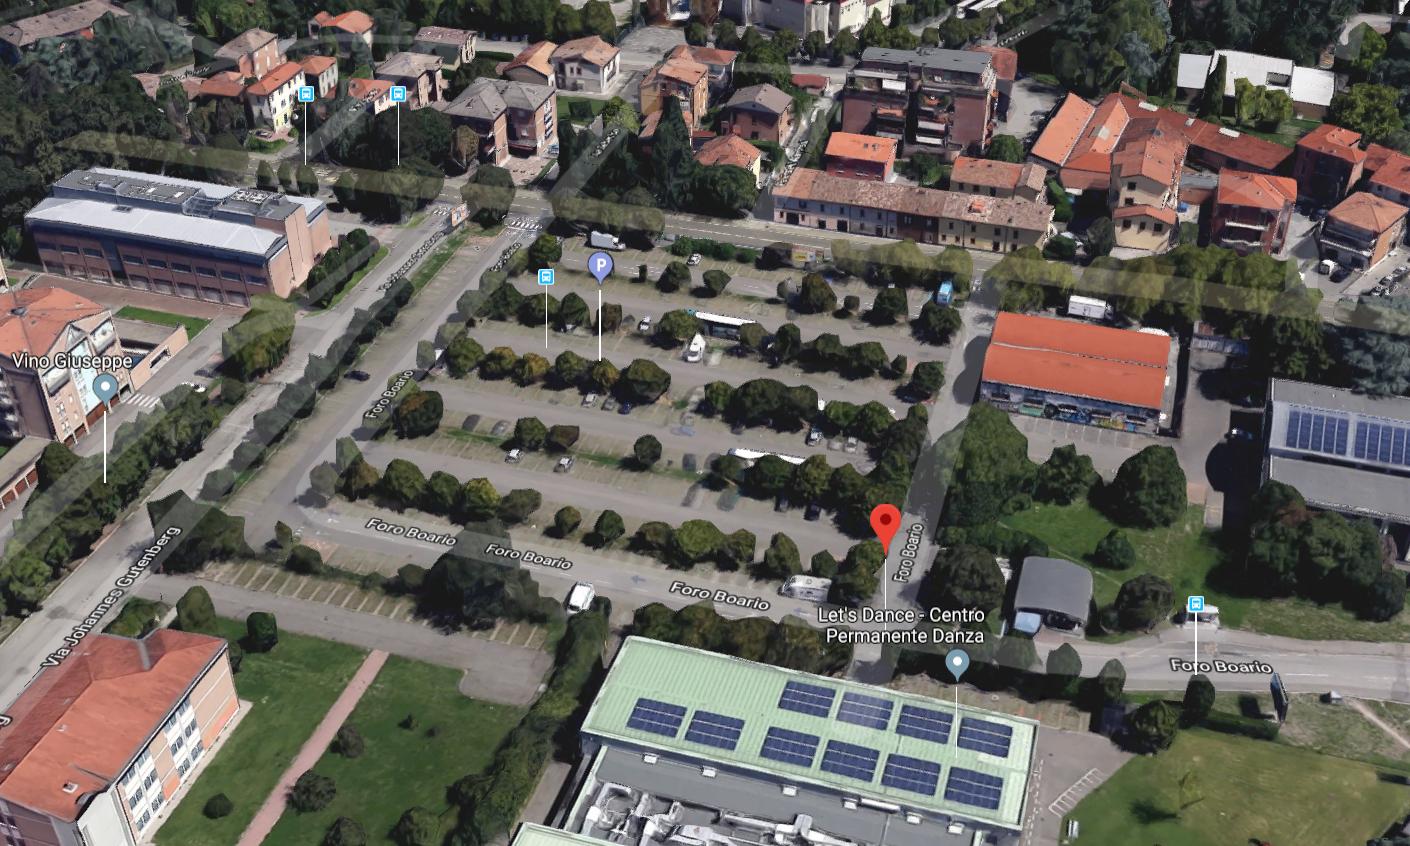 Reggio Emilia, parcheggio ex Foro Boario: nuove regole in vista per i camper?